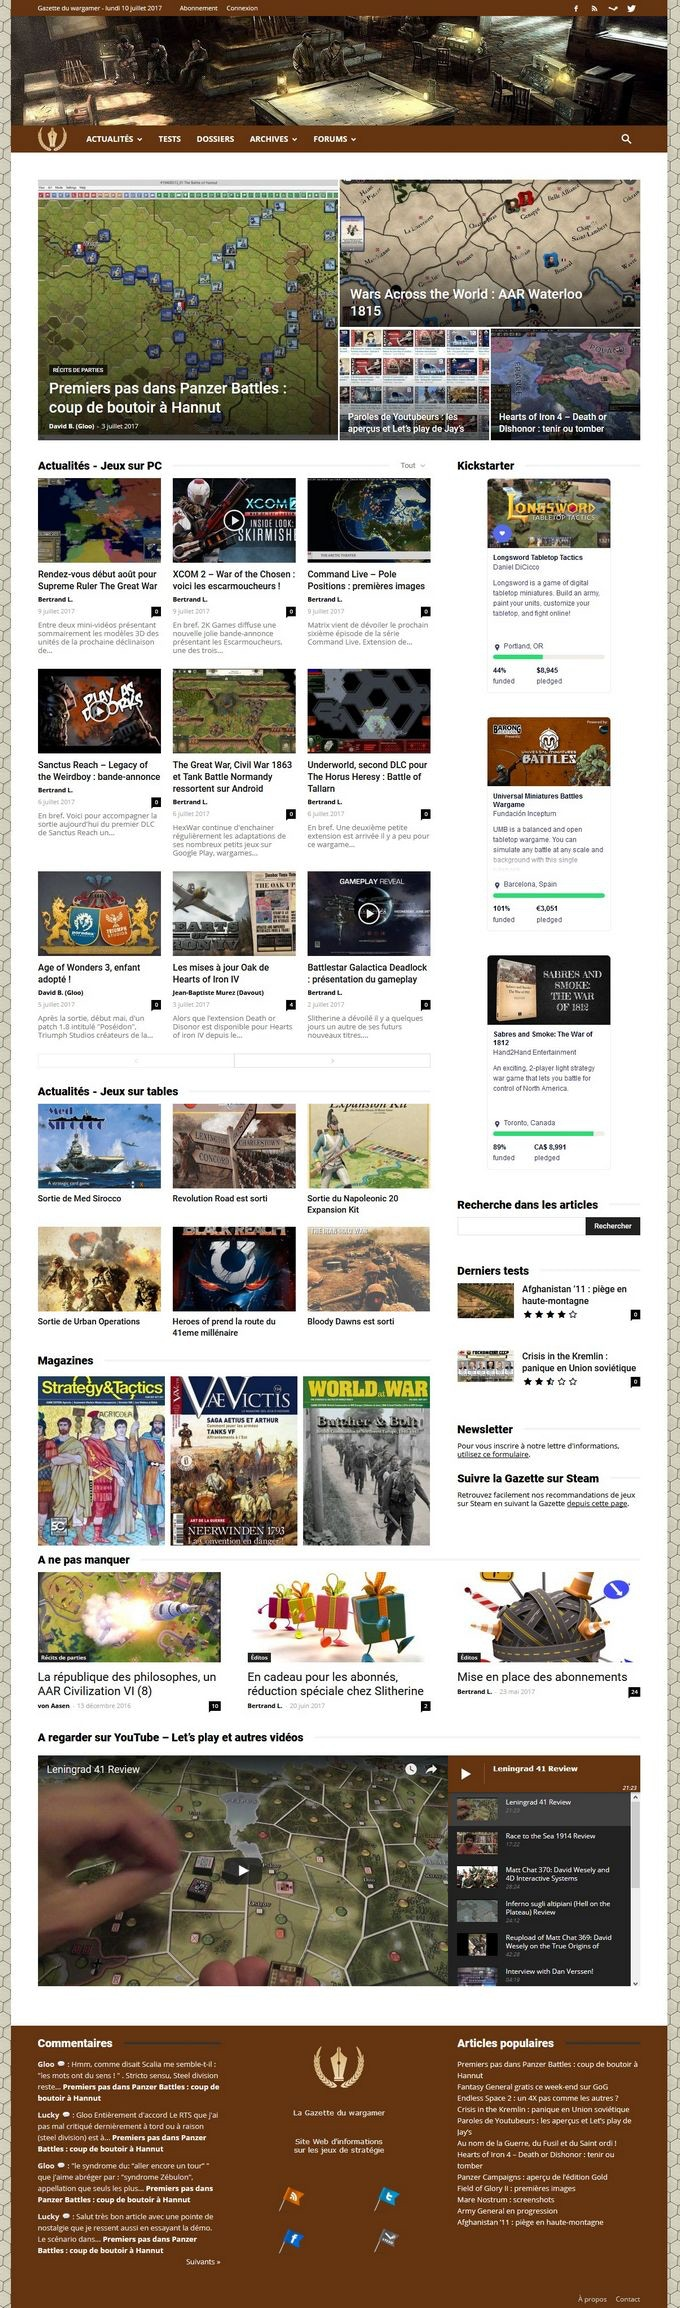 Page d'accueil du site Web de la Gazette du wargamer. Le site bénéficie depuis le printemps de cette année d'une nouvelle maquette, plus élégante et performante.